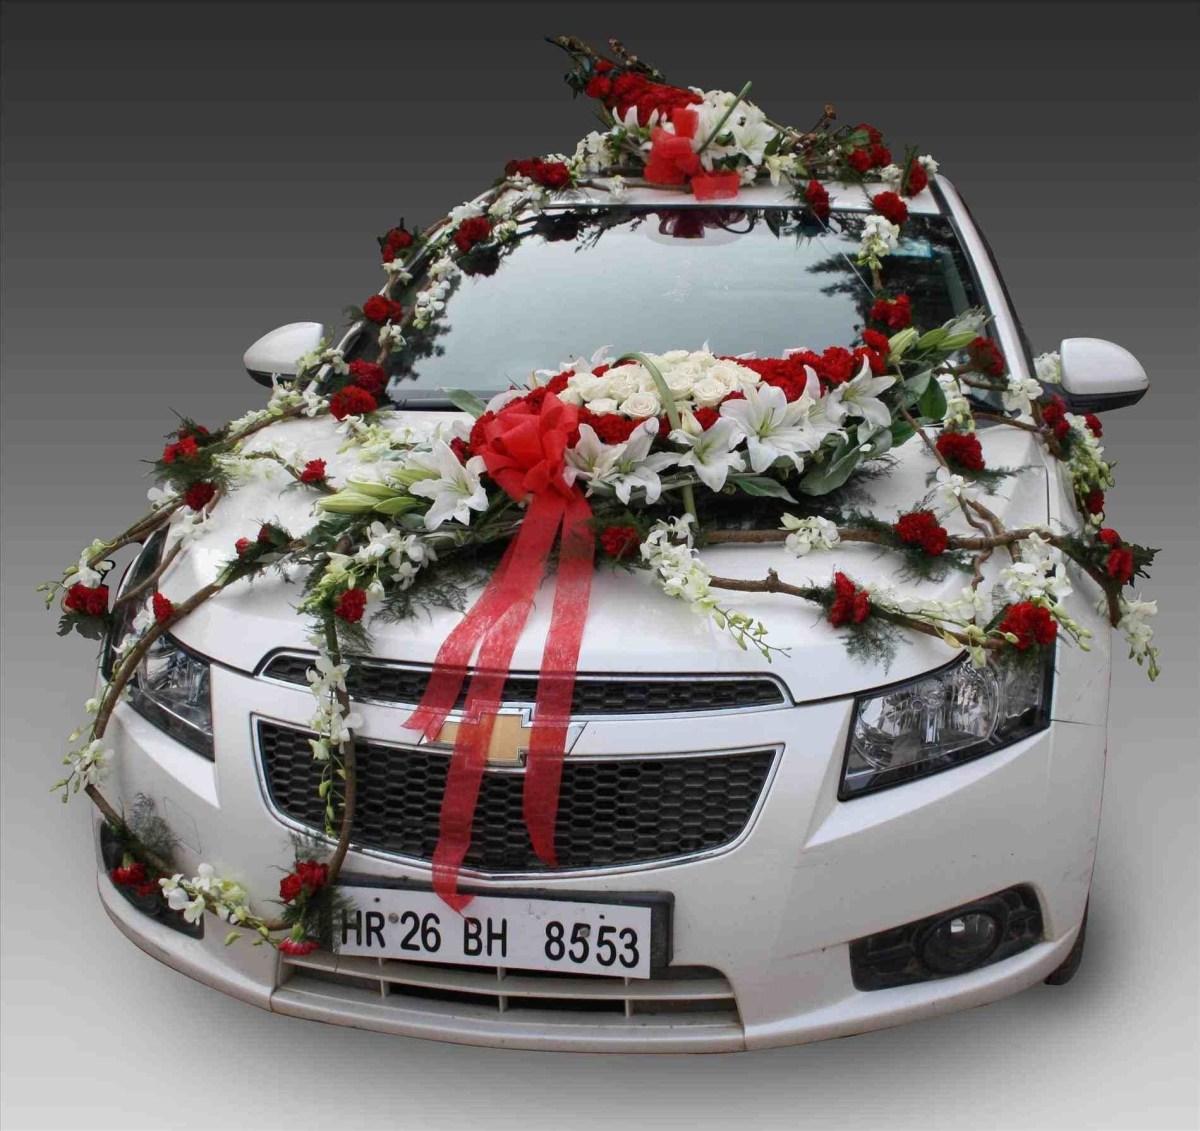 Wedding Car Decorations Ideas Wedding Decoration Wedding Car Decorations Uk Staggering Pom Poms